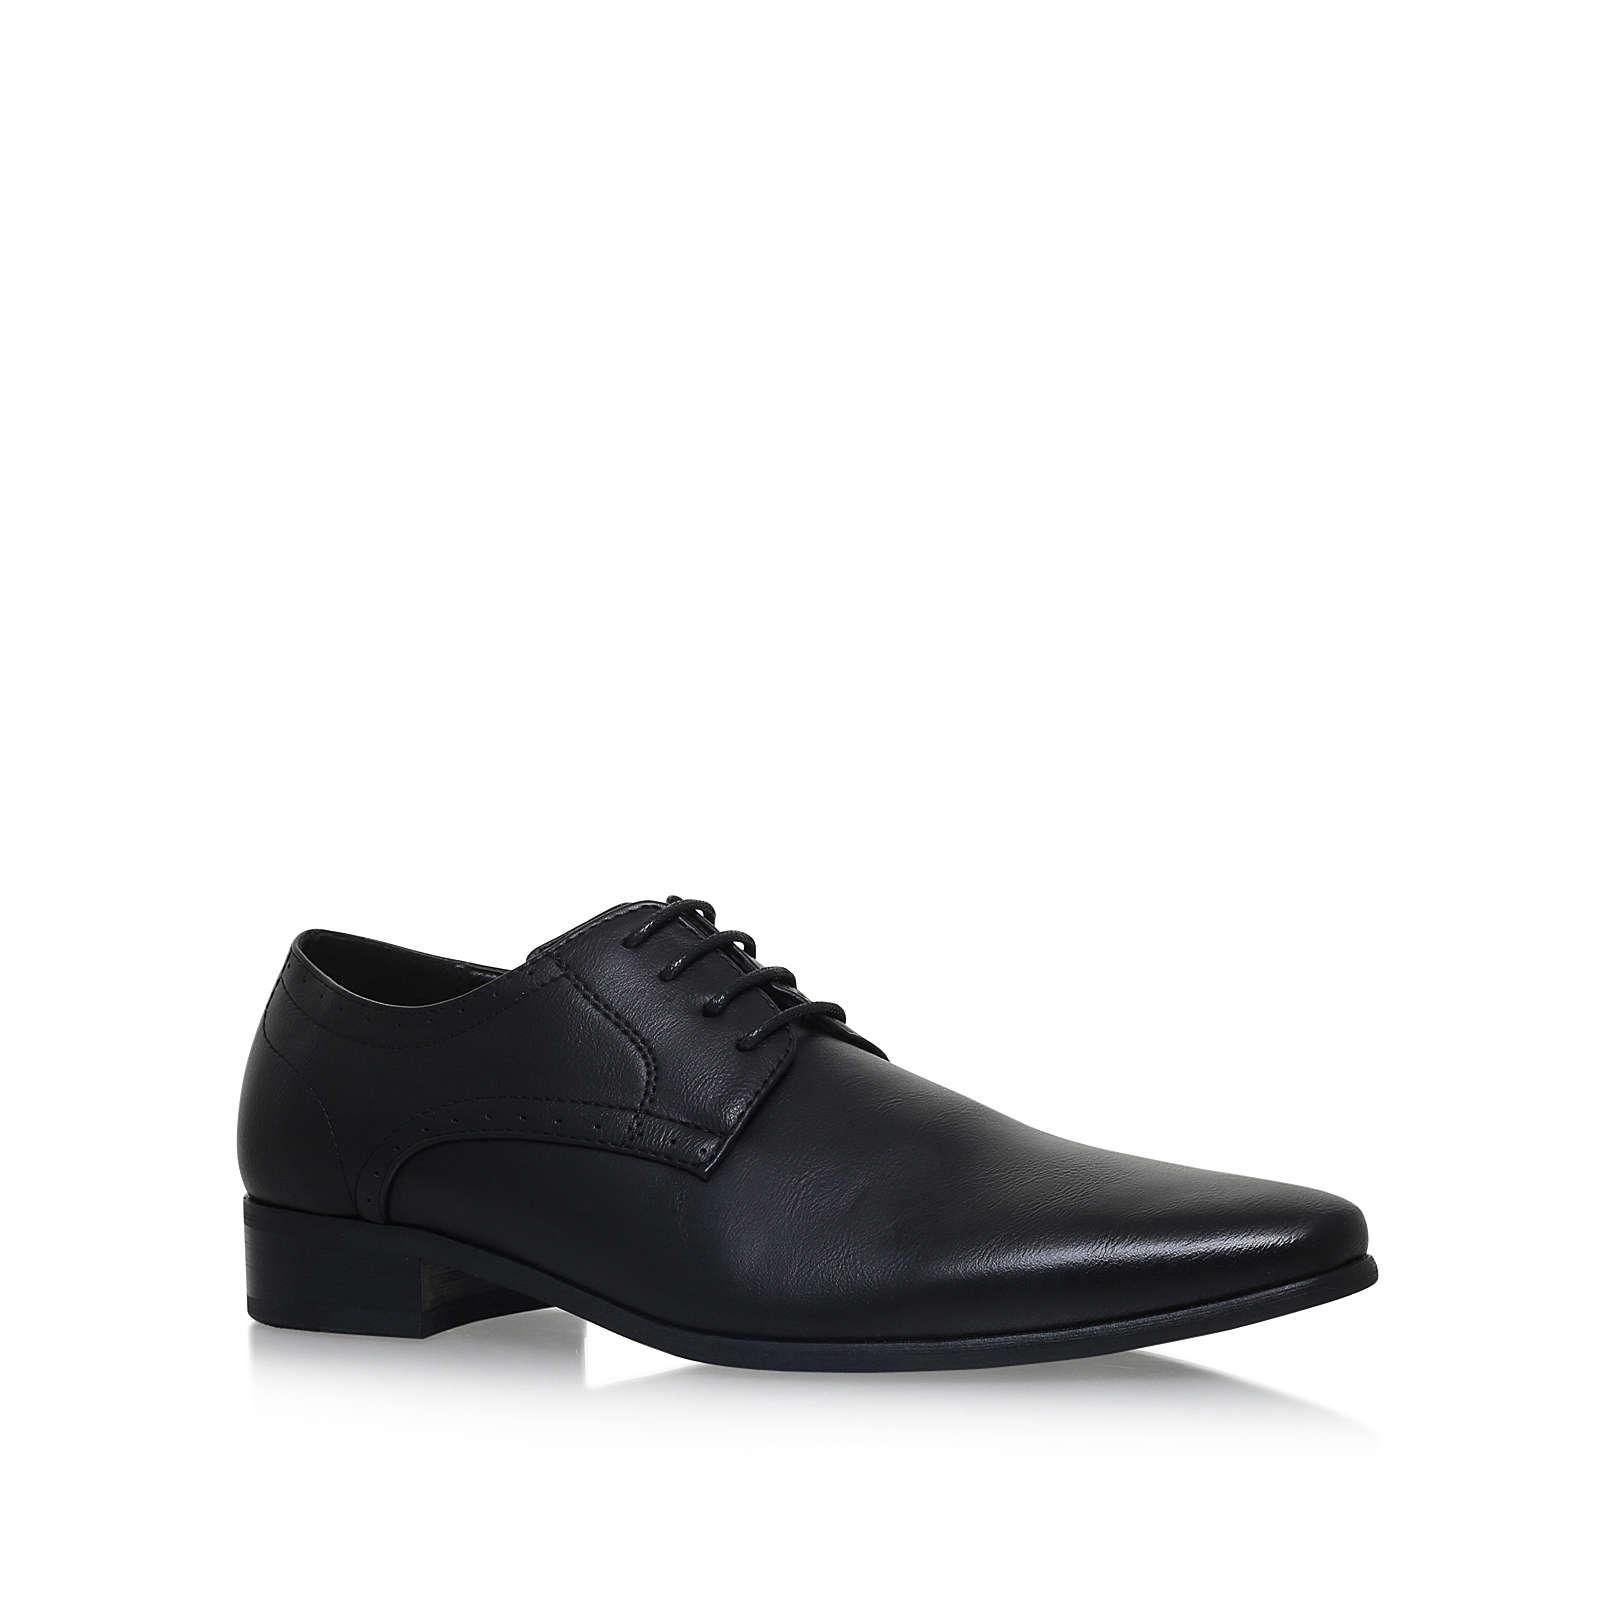 kev kg kurt geiger kev black formal shoes by kg kurt geiger